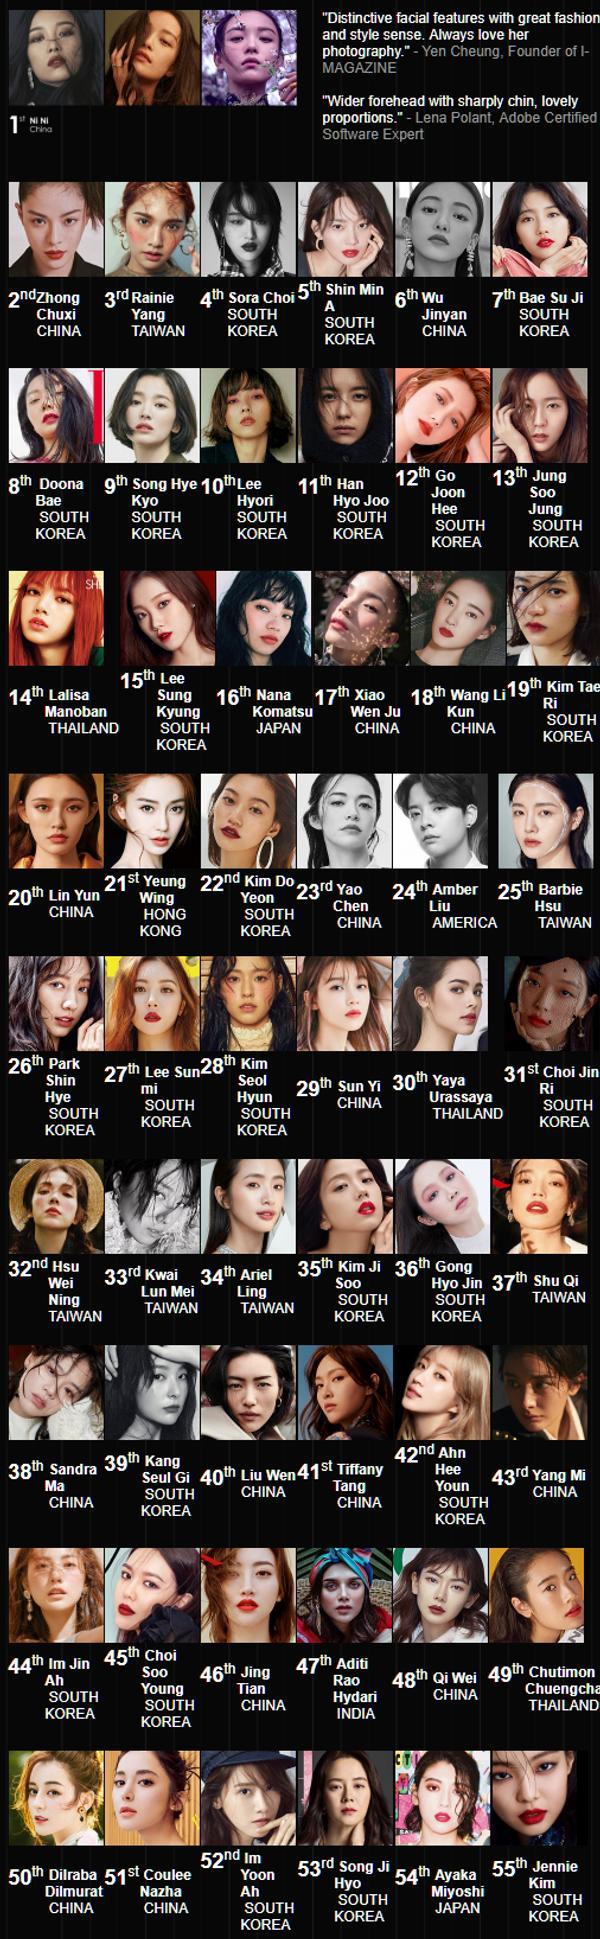 外媒票選「2018亞洲時尚臉孔」排行榜 防彈顔值代表「贏了全亞洲」楊丞琳成台灣之光!